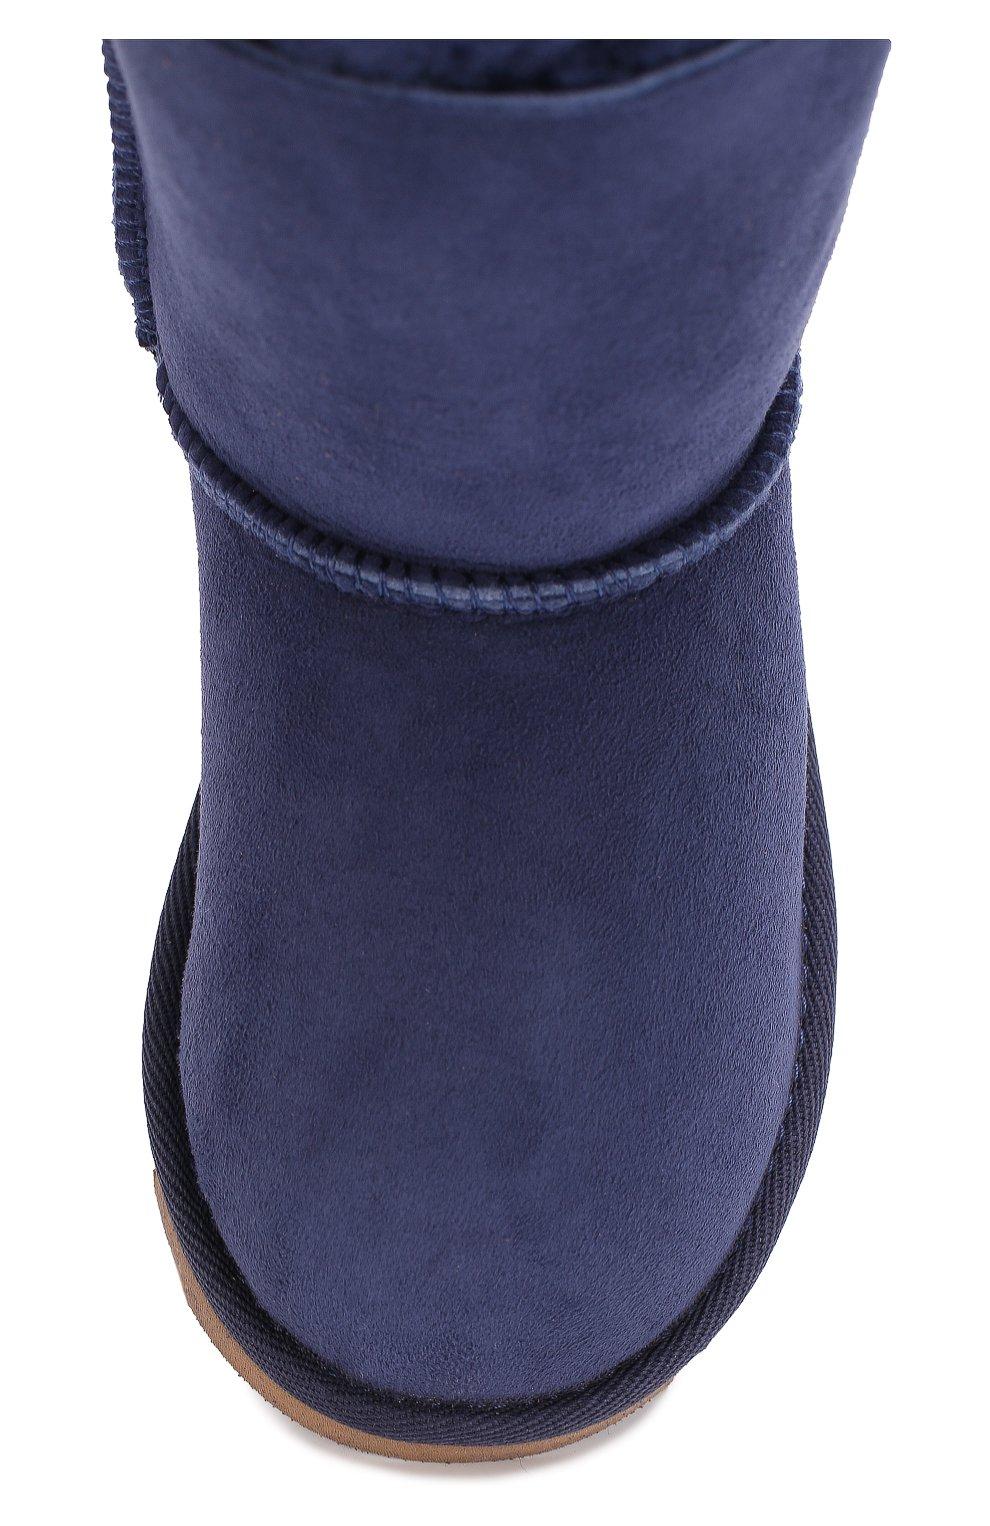 Детские замшевые полусапоги с бантами UGG синего цвета — купить за ... 079c69559e880